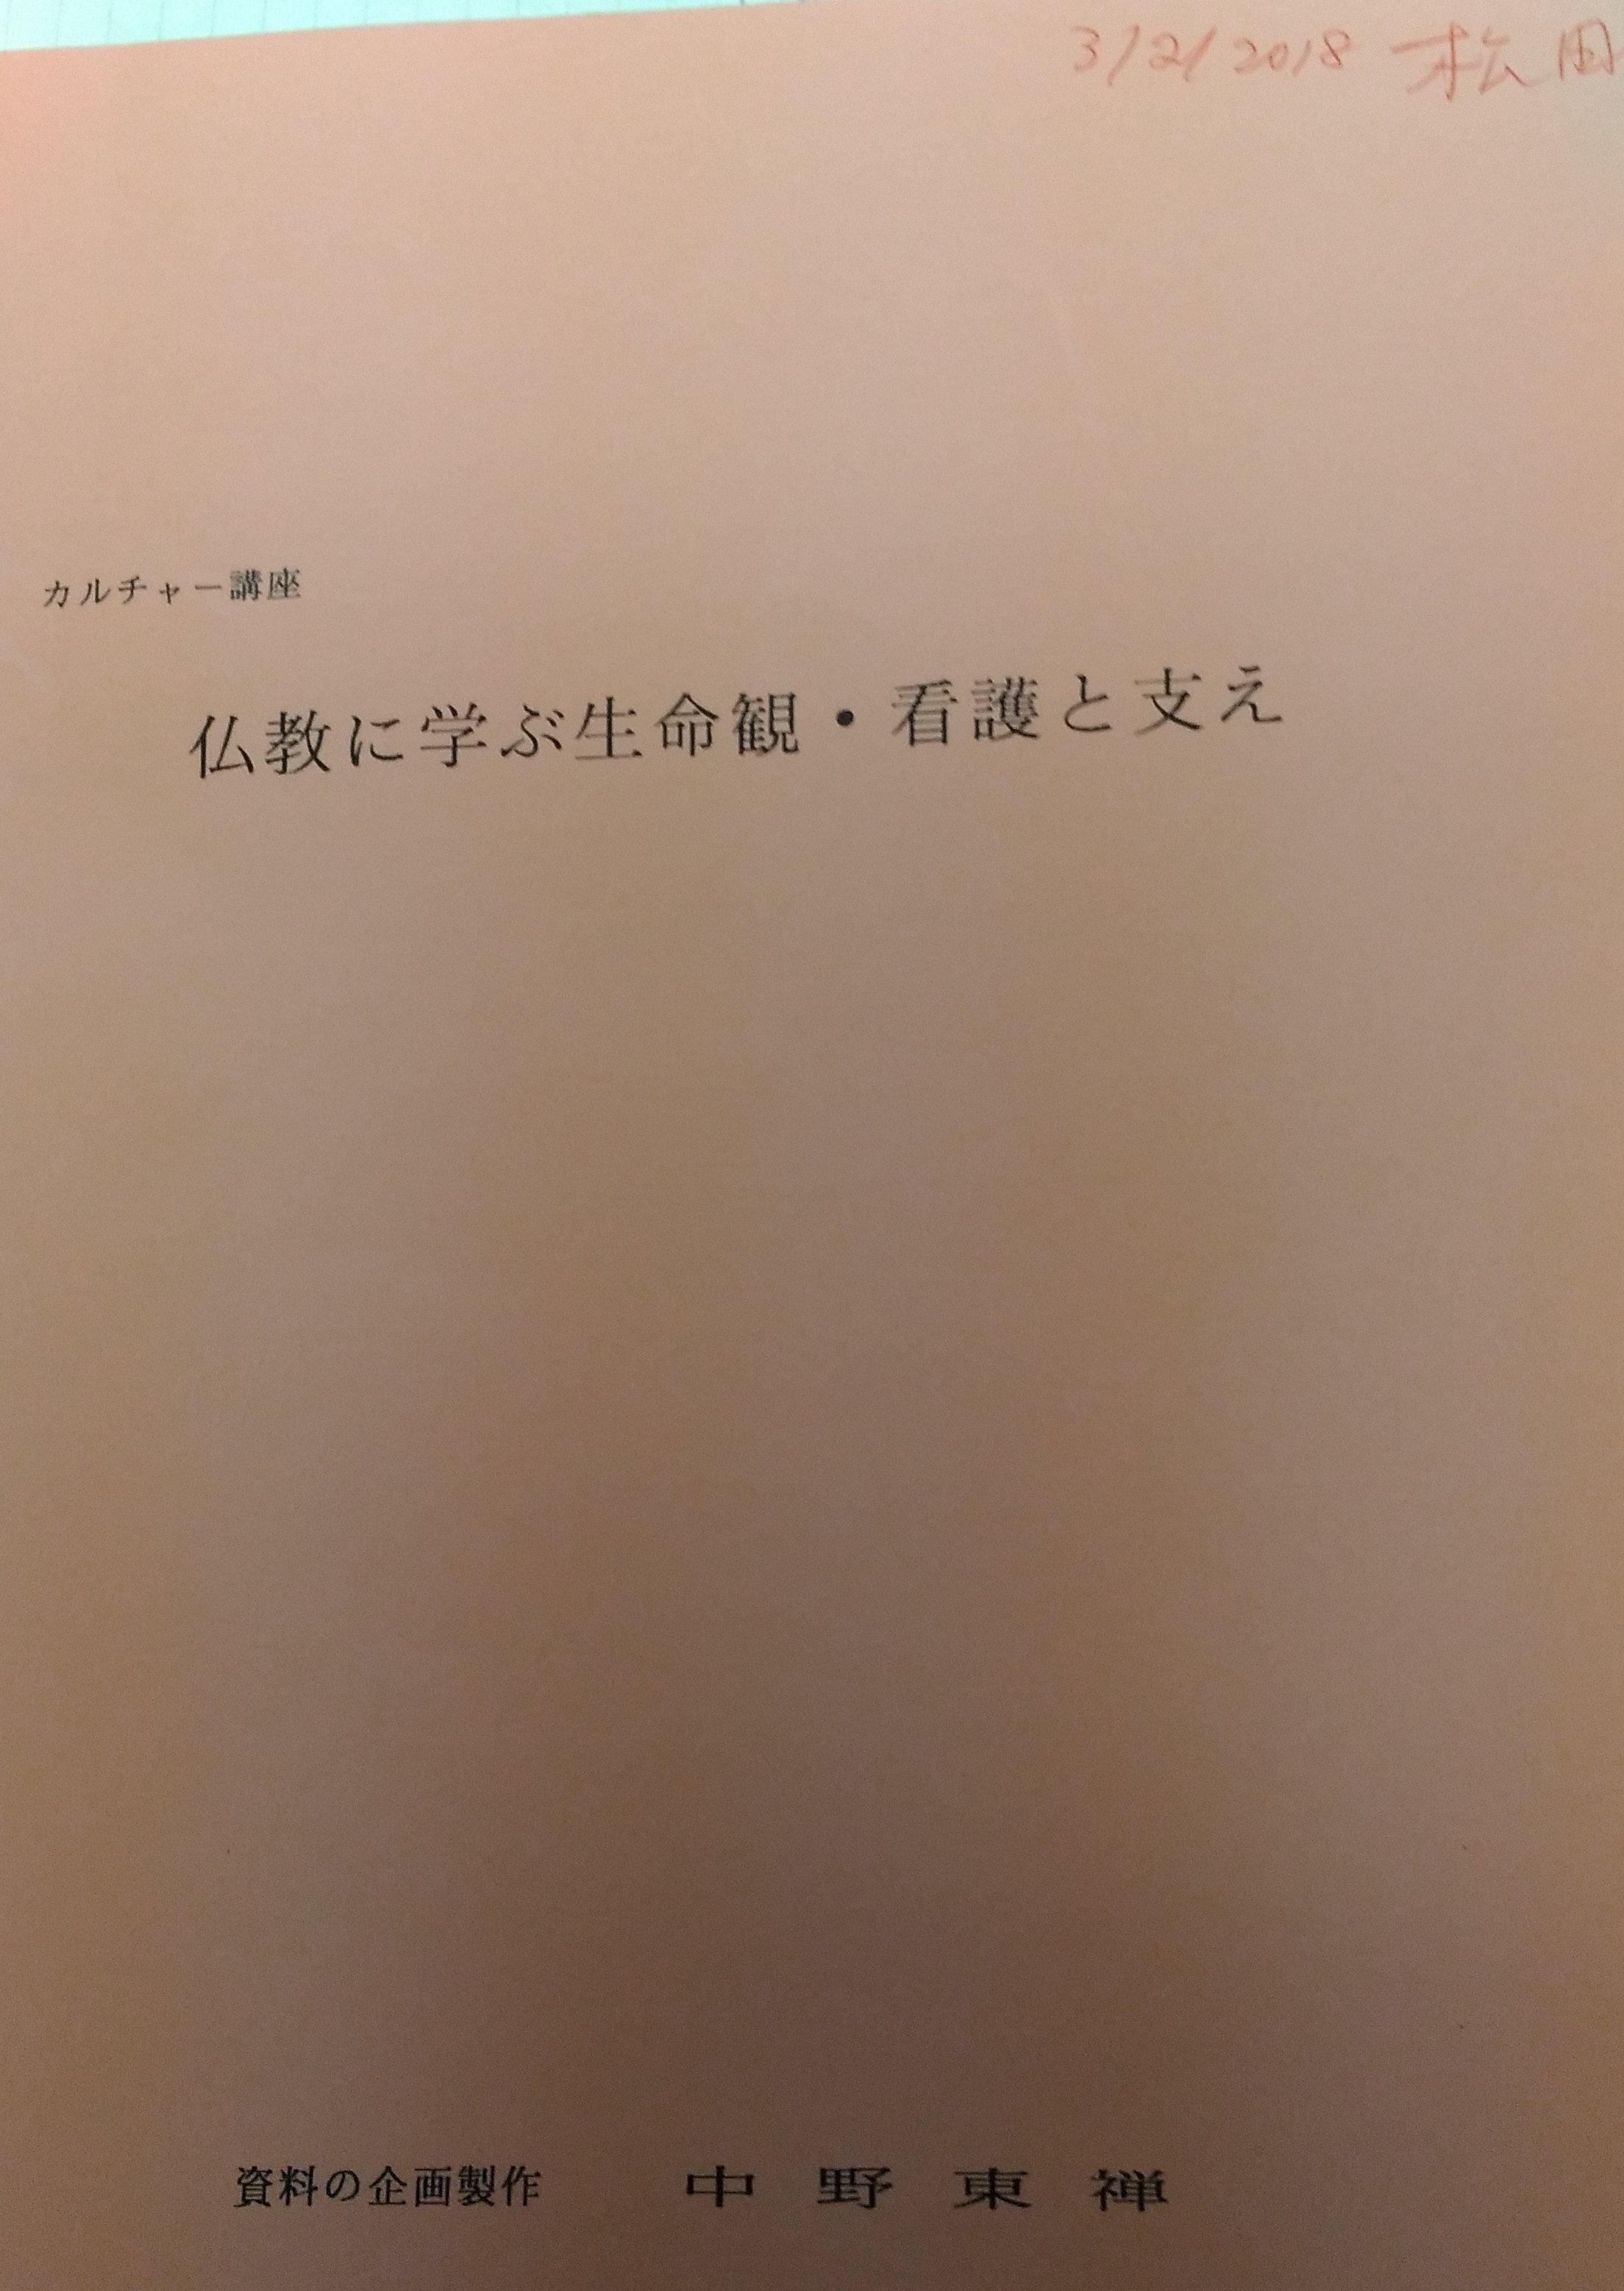 坐禅会テキスト 「仏教に学ぶ生命観・看護と支え」 表紙